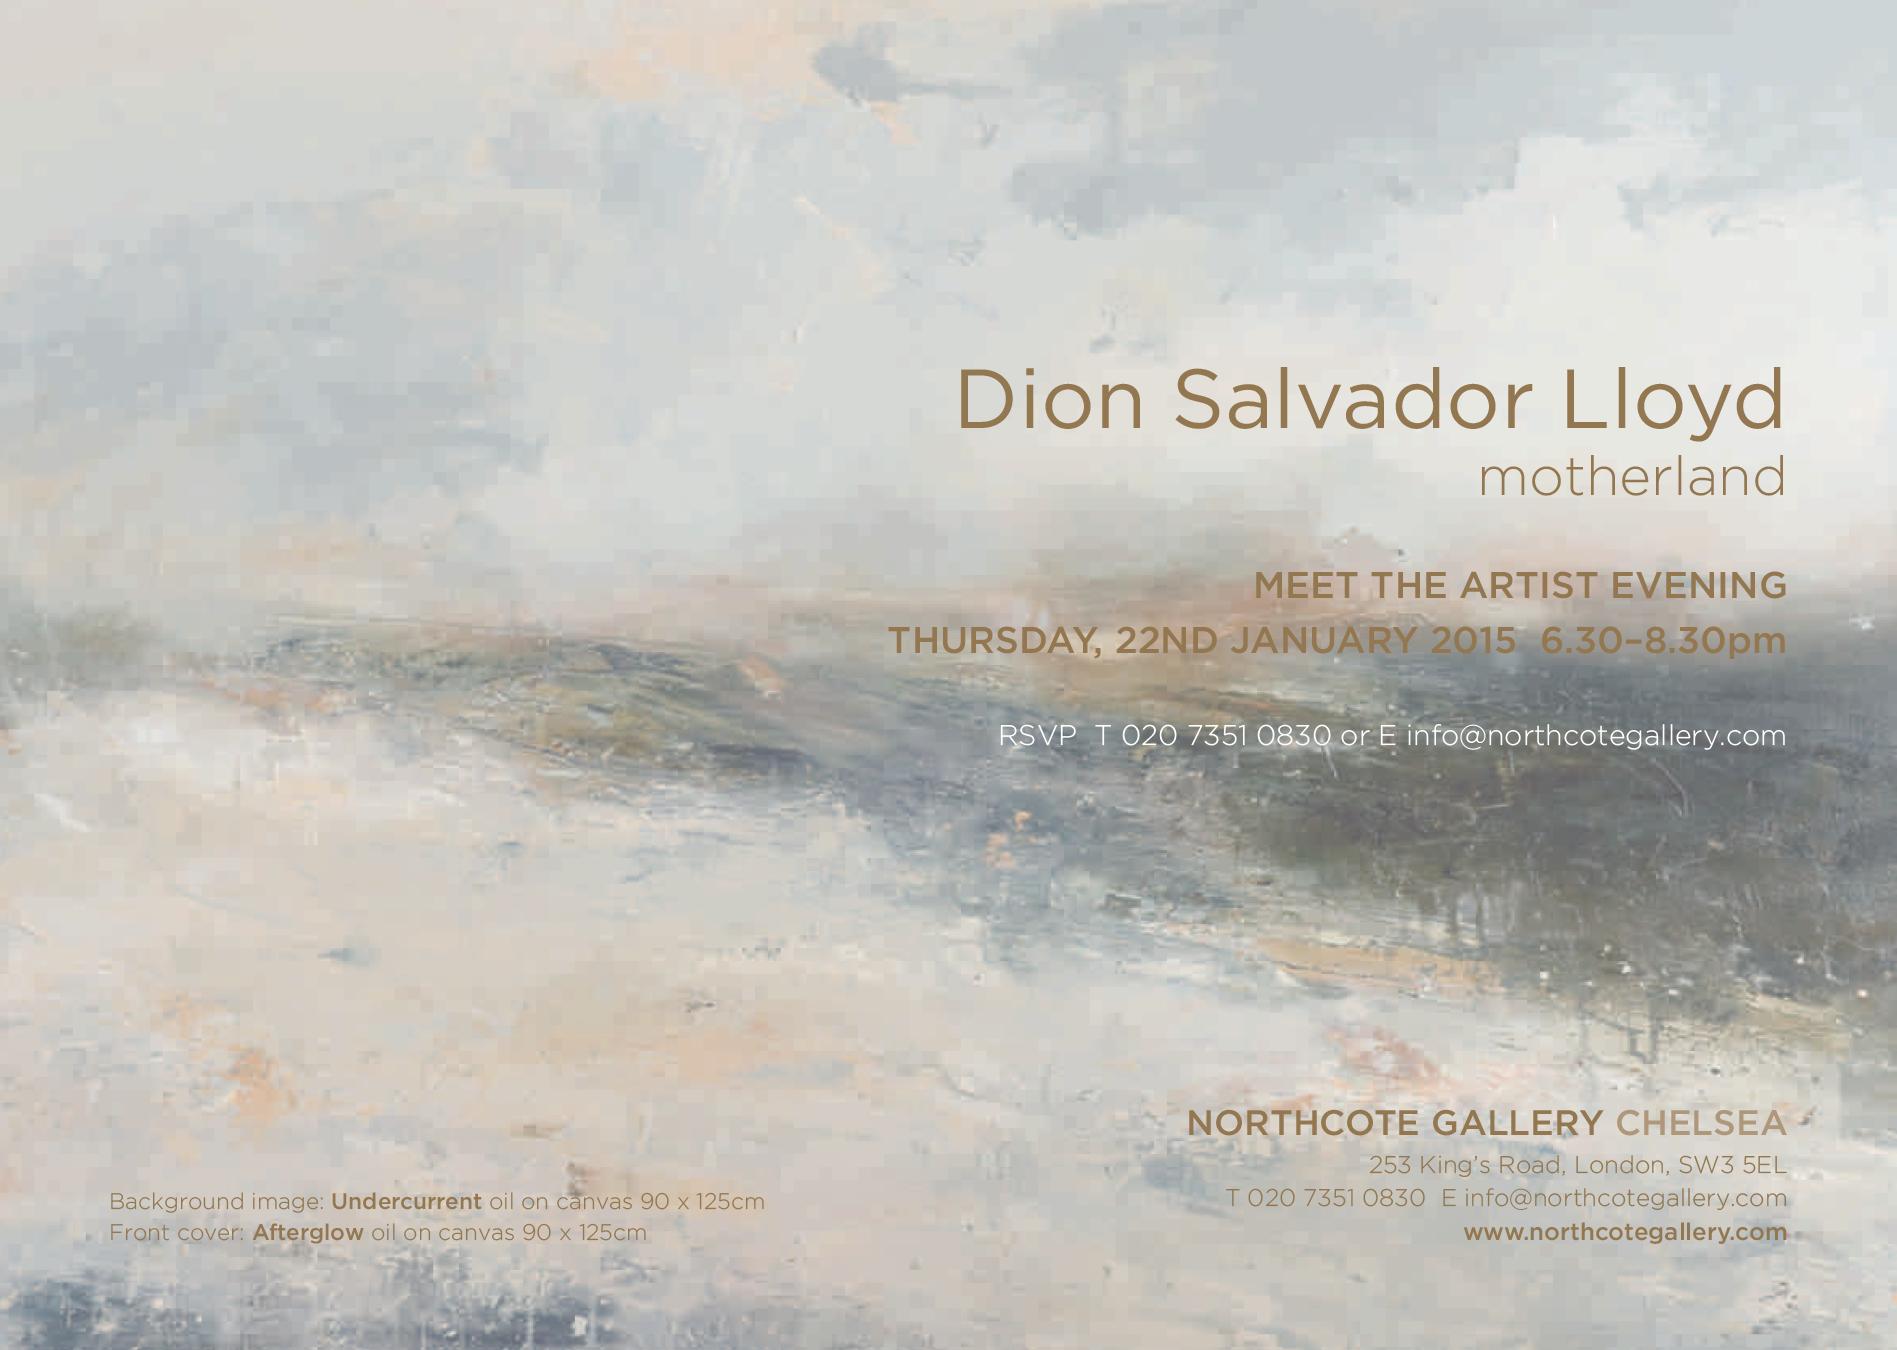 36462-Dion-Salvador-Invite_SR-v2_EMAIL-1a.png